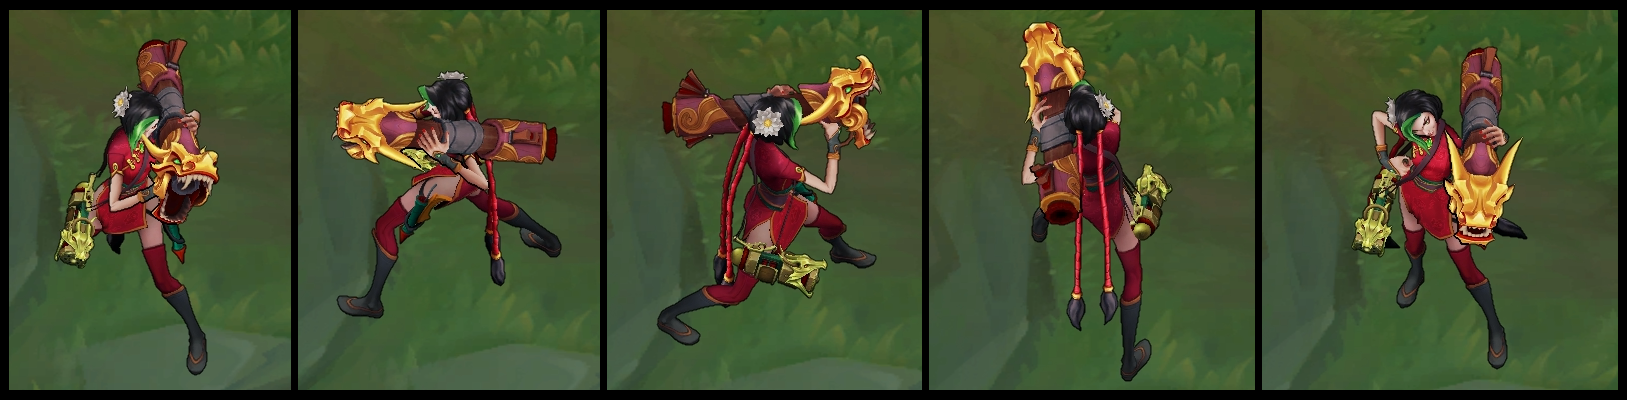 Firecracker Jinx Poses 2